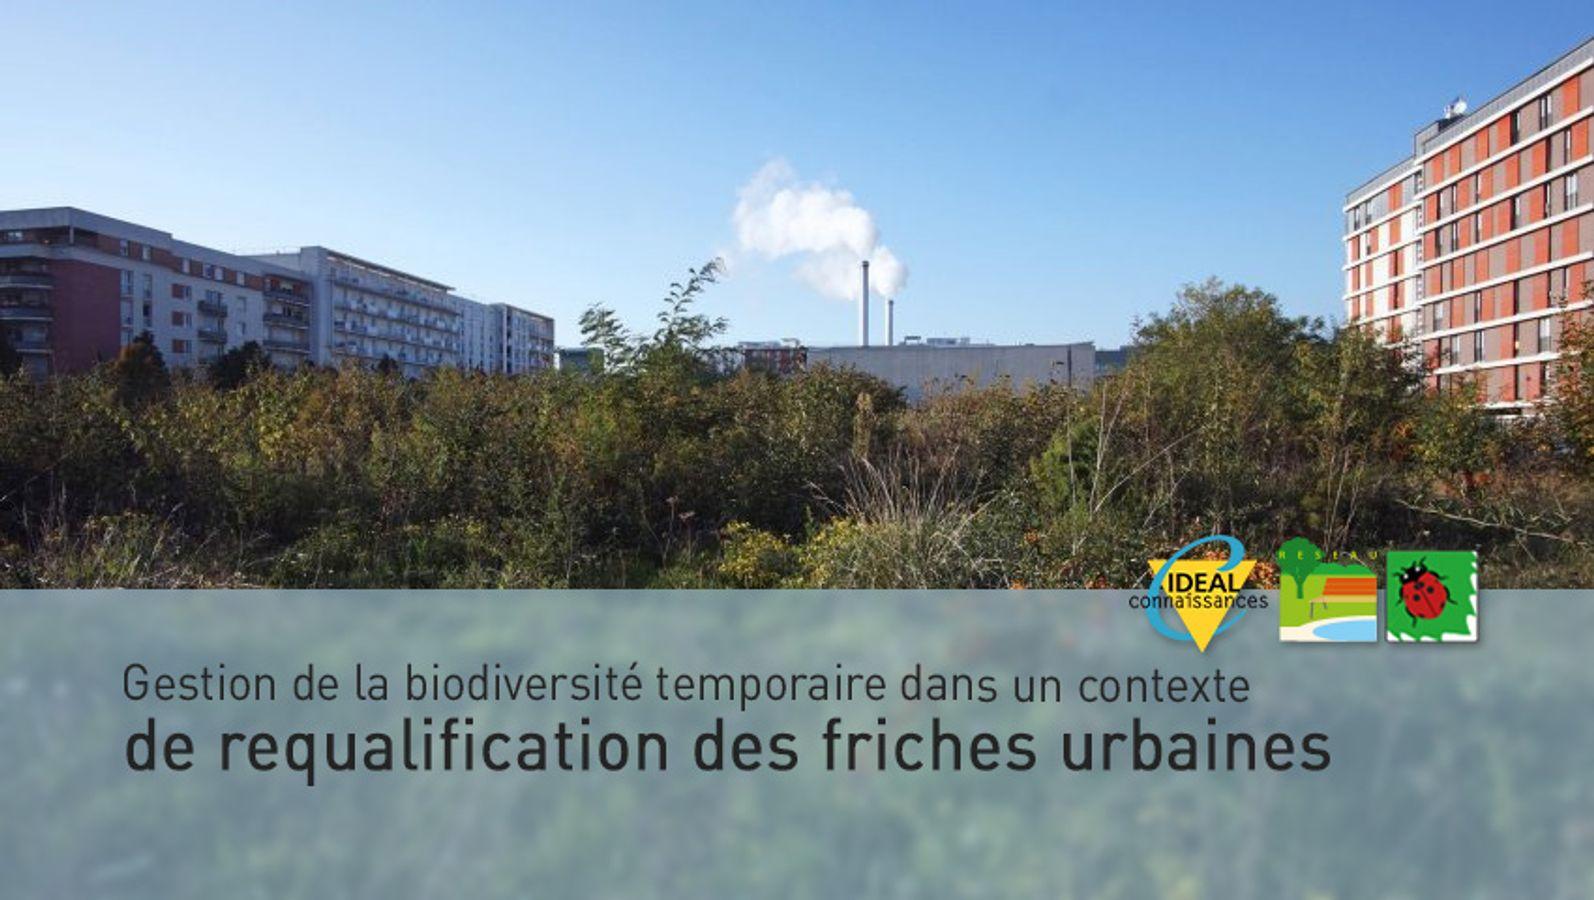 Gestion de la biodiversité temporaire dans un contexte de requalification des friches urbaines.